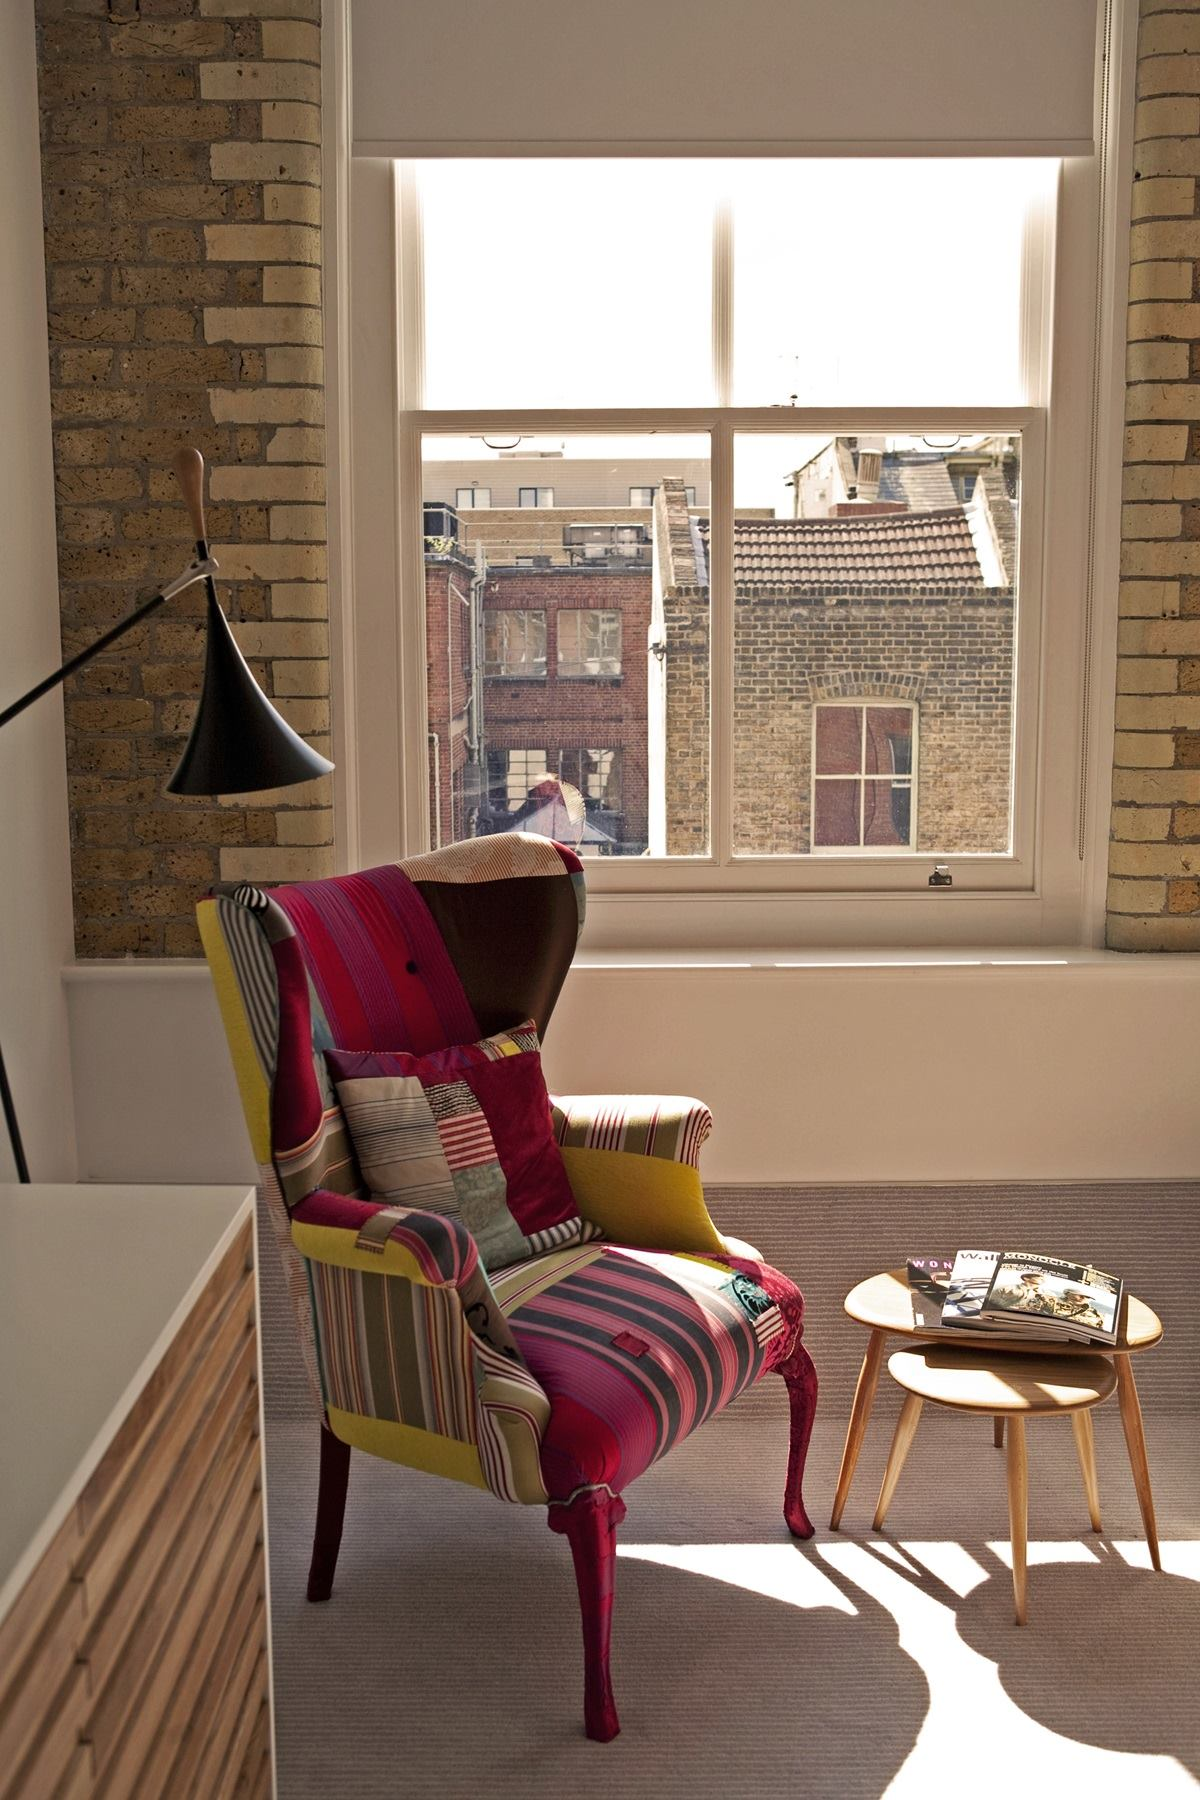 스튜어트 웨스트웰(Stuart Westwell)의 패치워크 의자가 인상적인 바운더리 룸의 전경 ©Paul Raeside